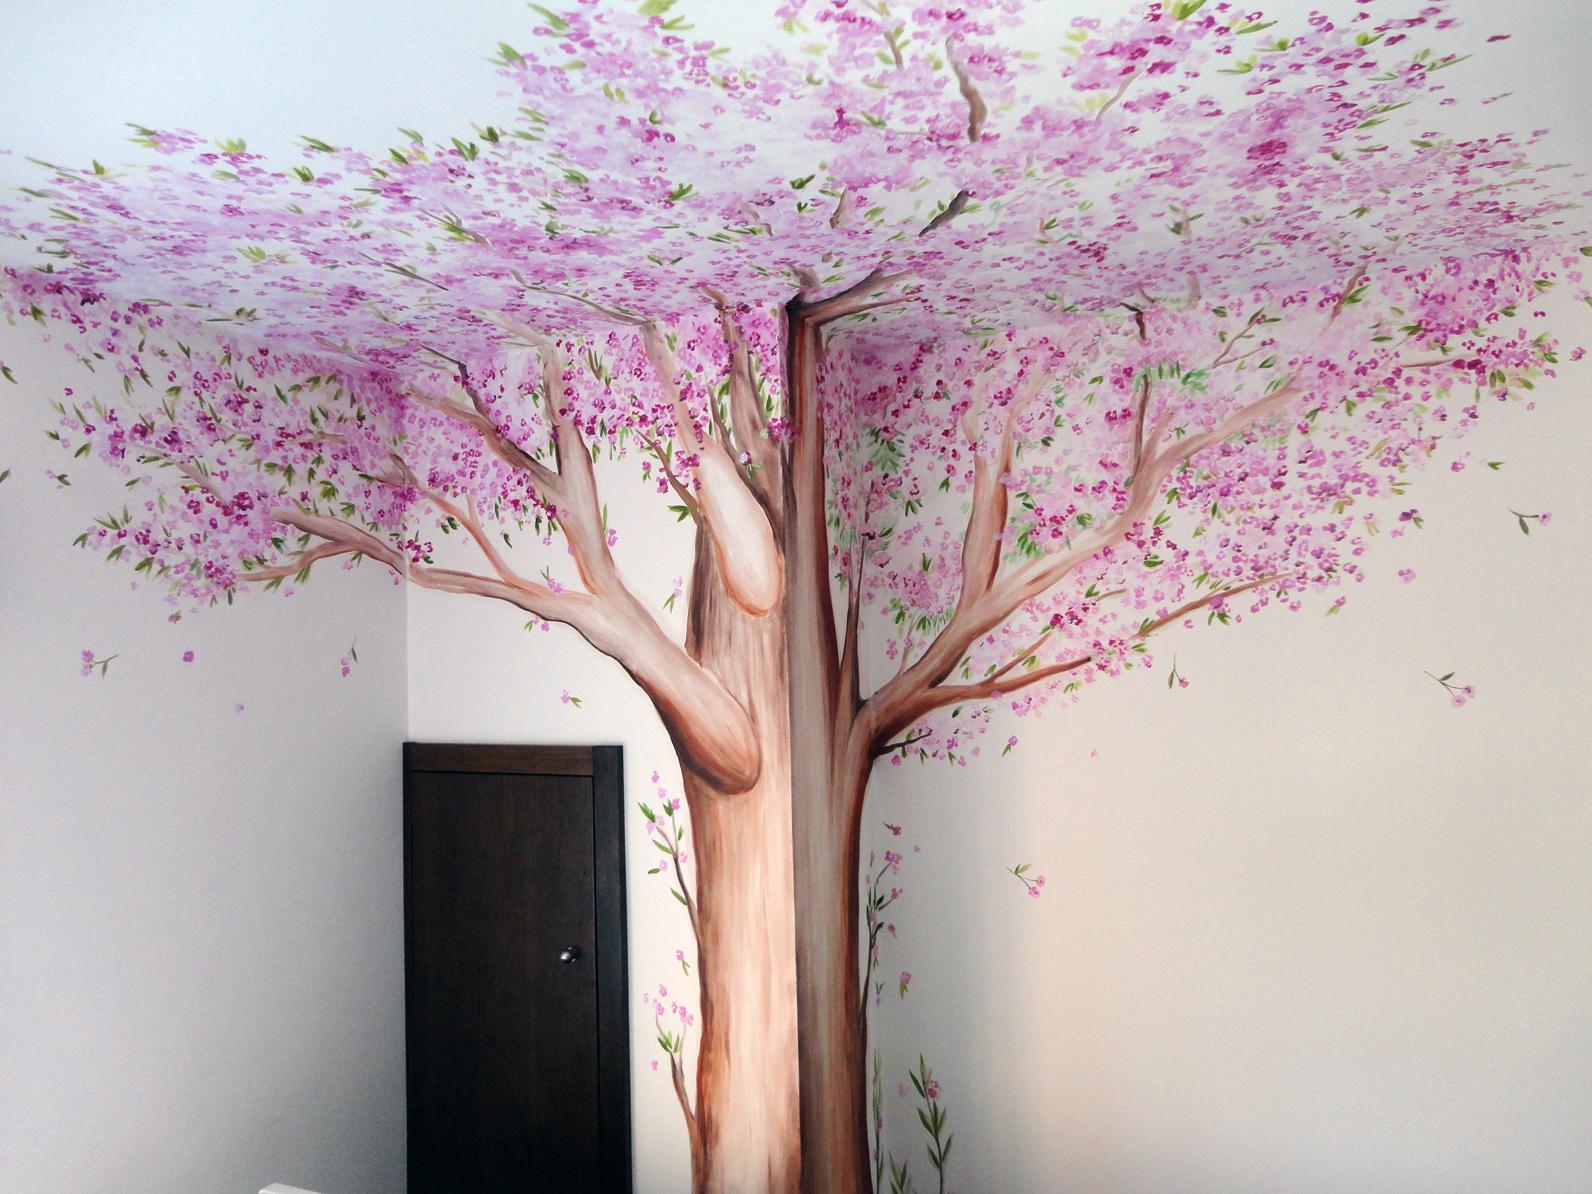 decopared arboles pintados en paredes